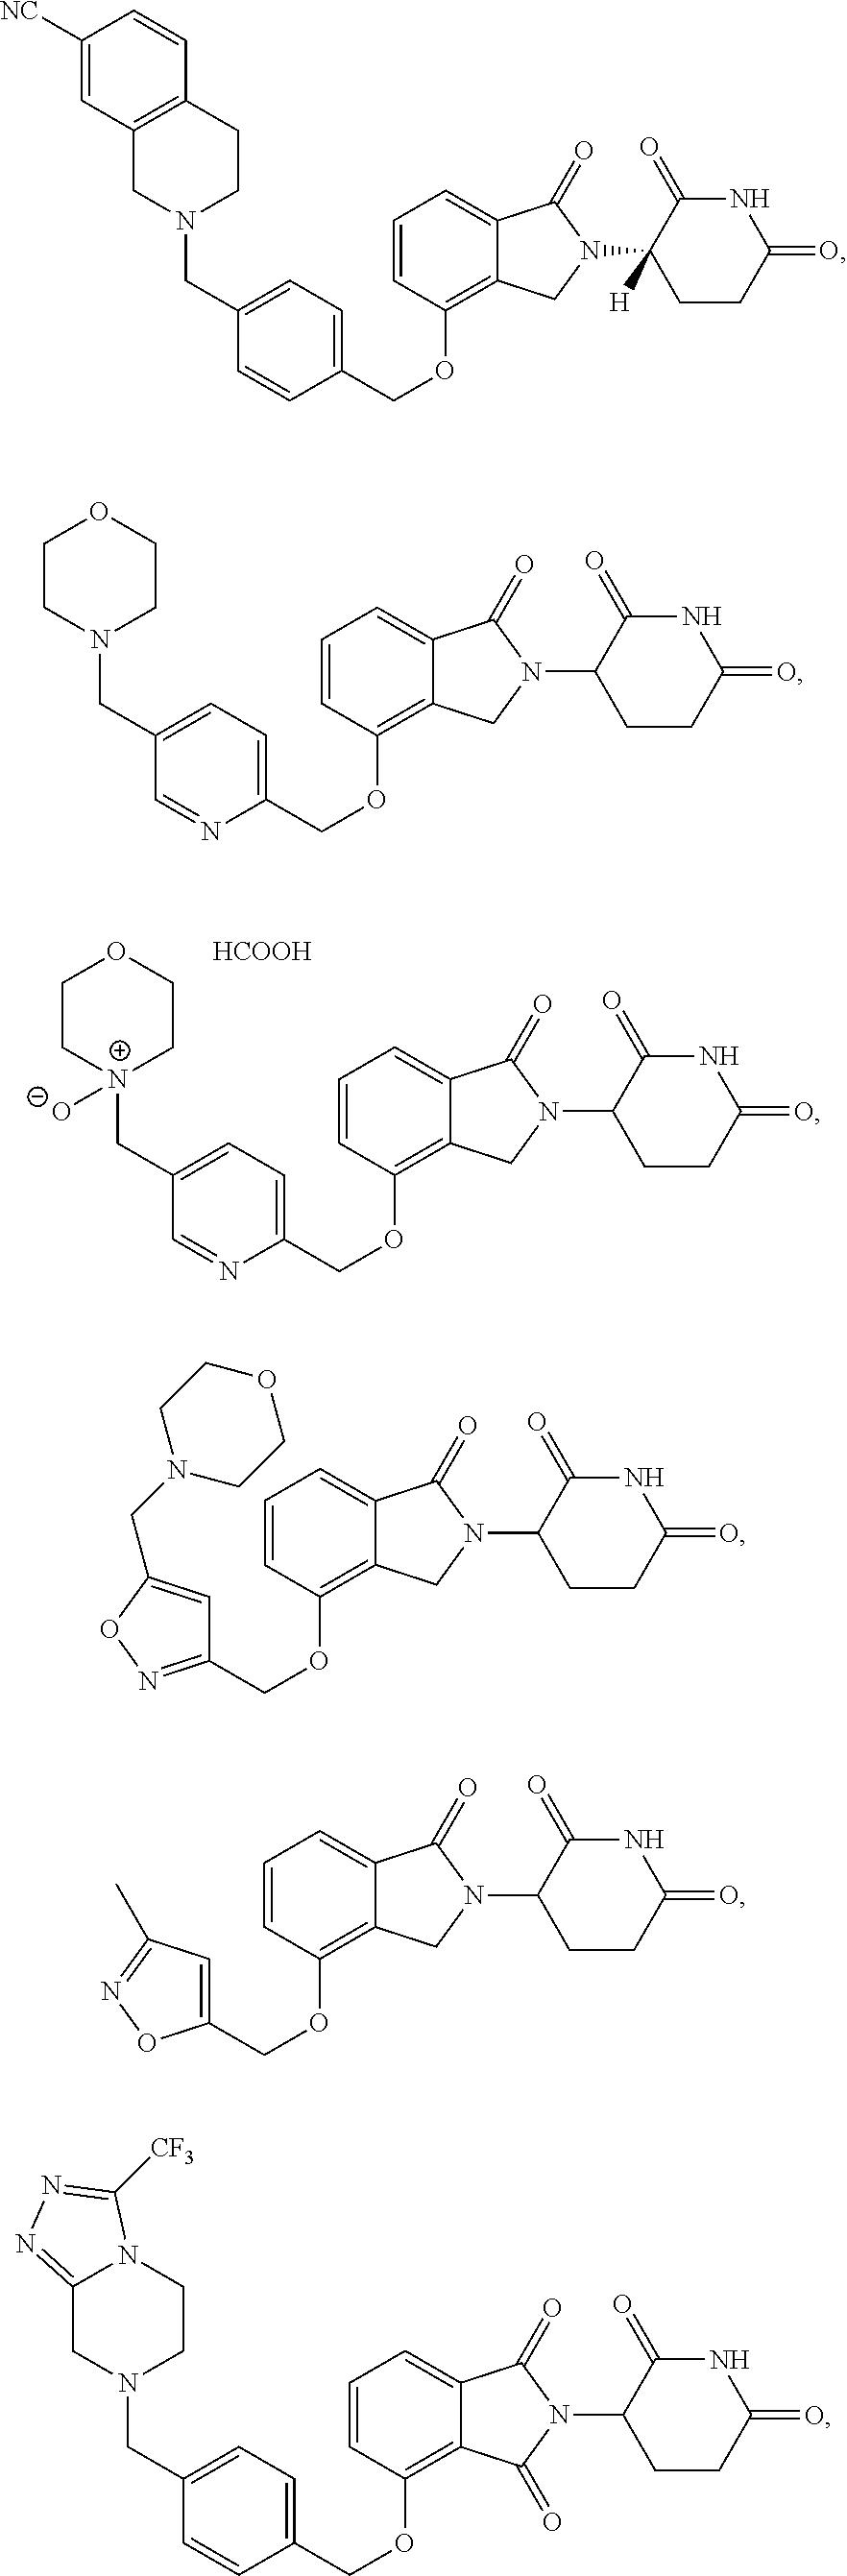 Figure US09587281-20170307-C00058